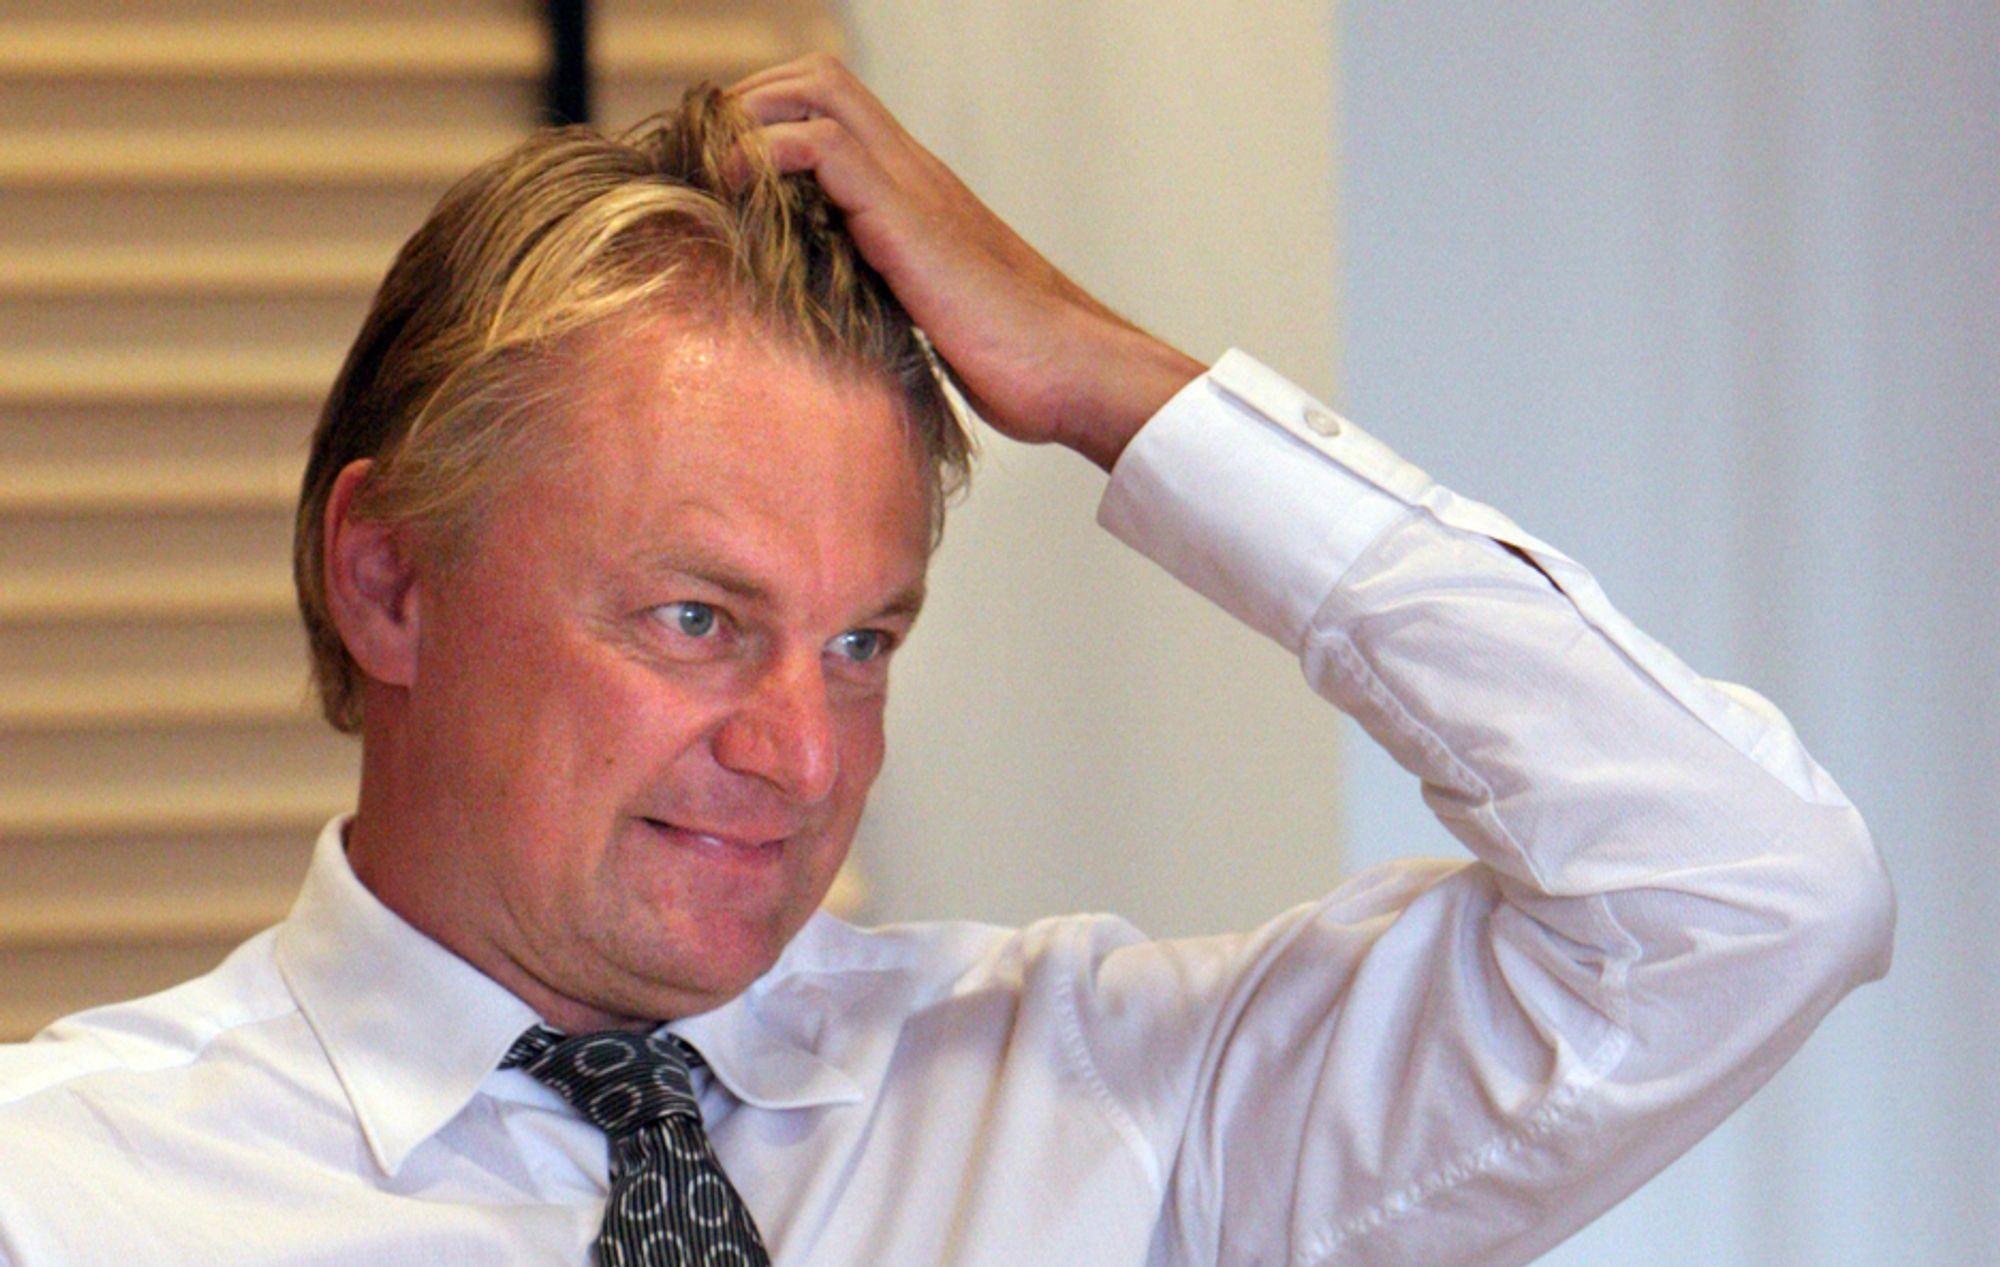 HVEM SKAL JEG KJØPE OPP?: Claus Hougesen sier til Teknisk Ukeblad at  konsernledelsen i Ementor i disse dager legger konkrete planer om hvilke norske oppkjøp som skal foretas før nyttår.